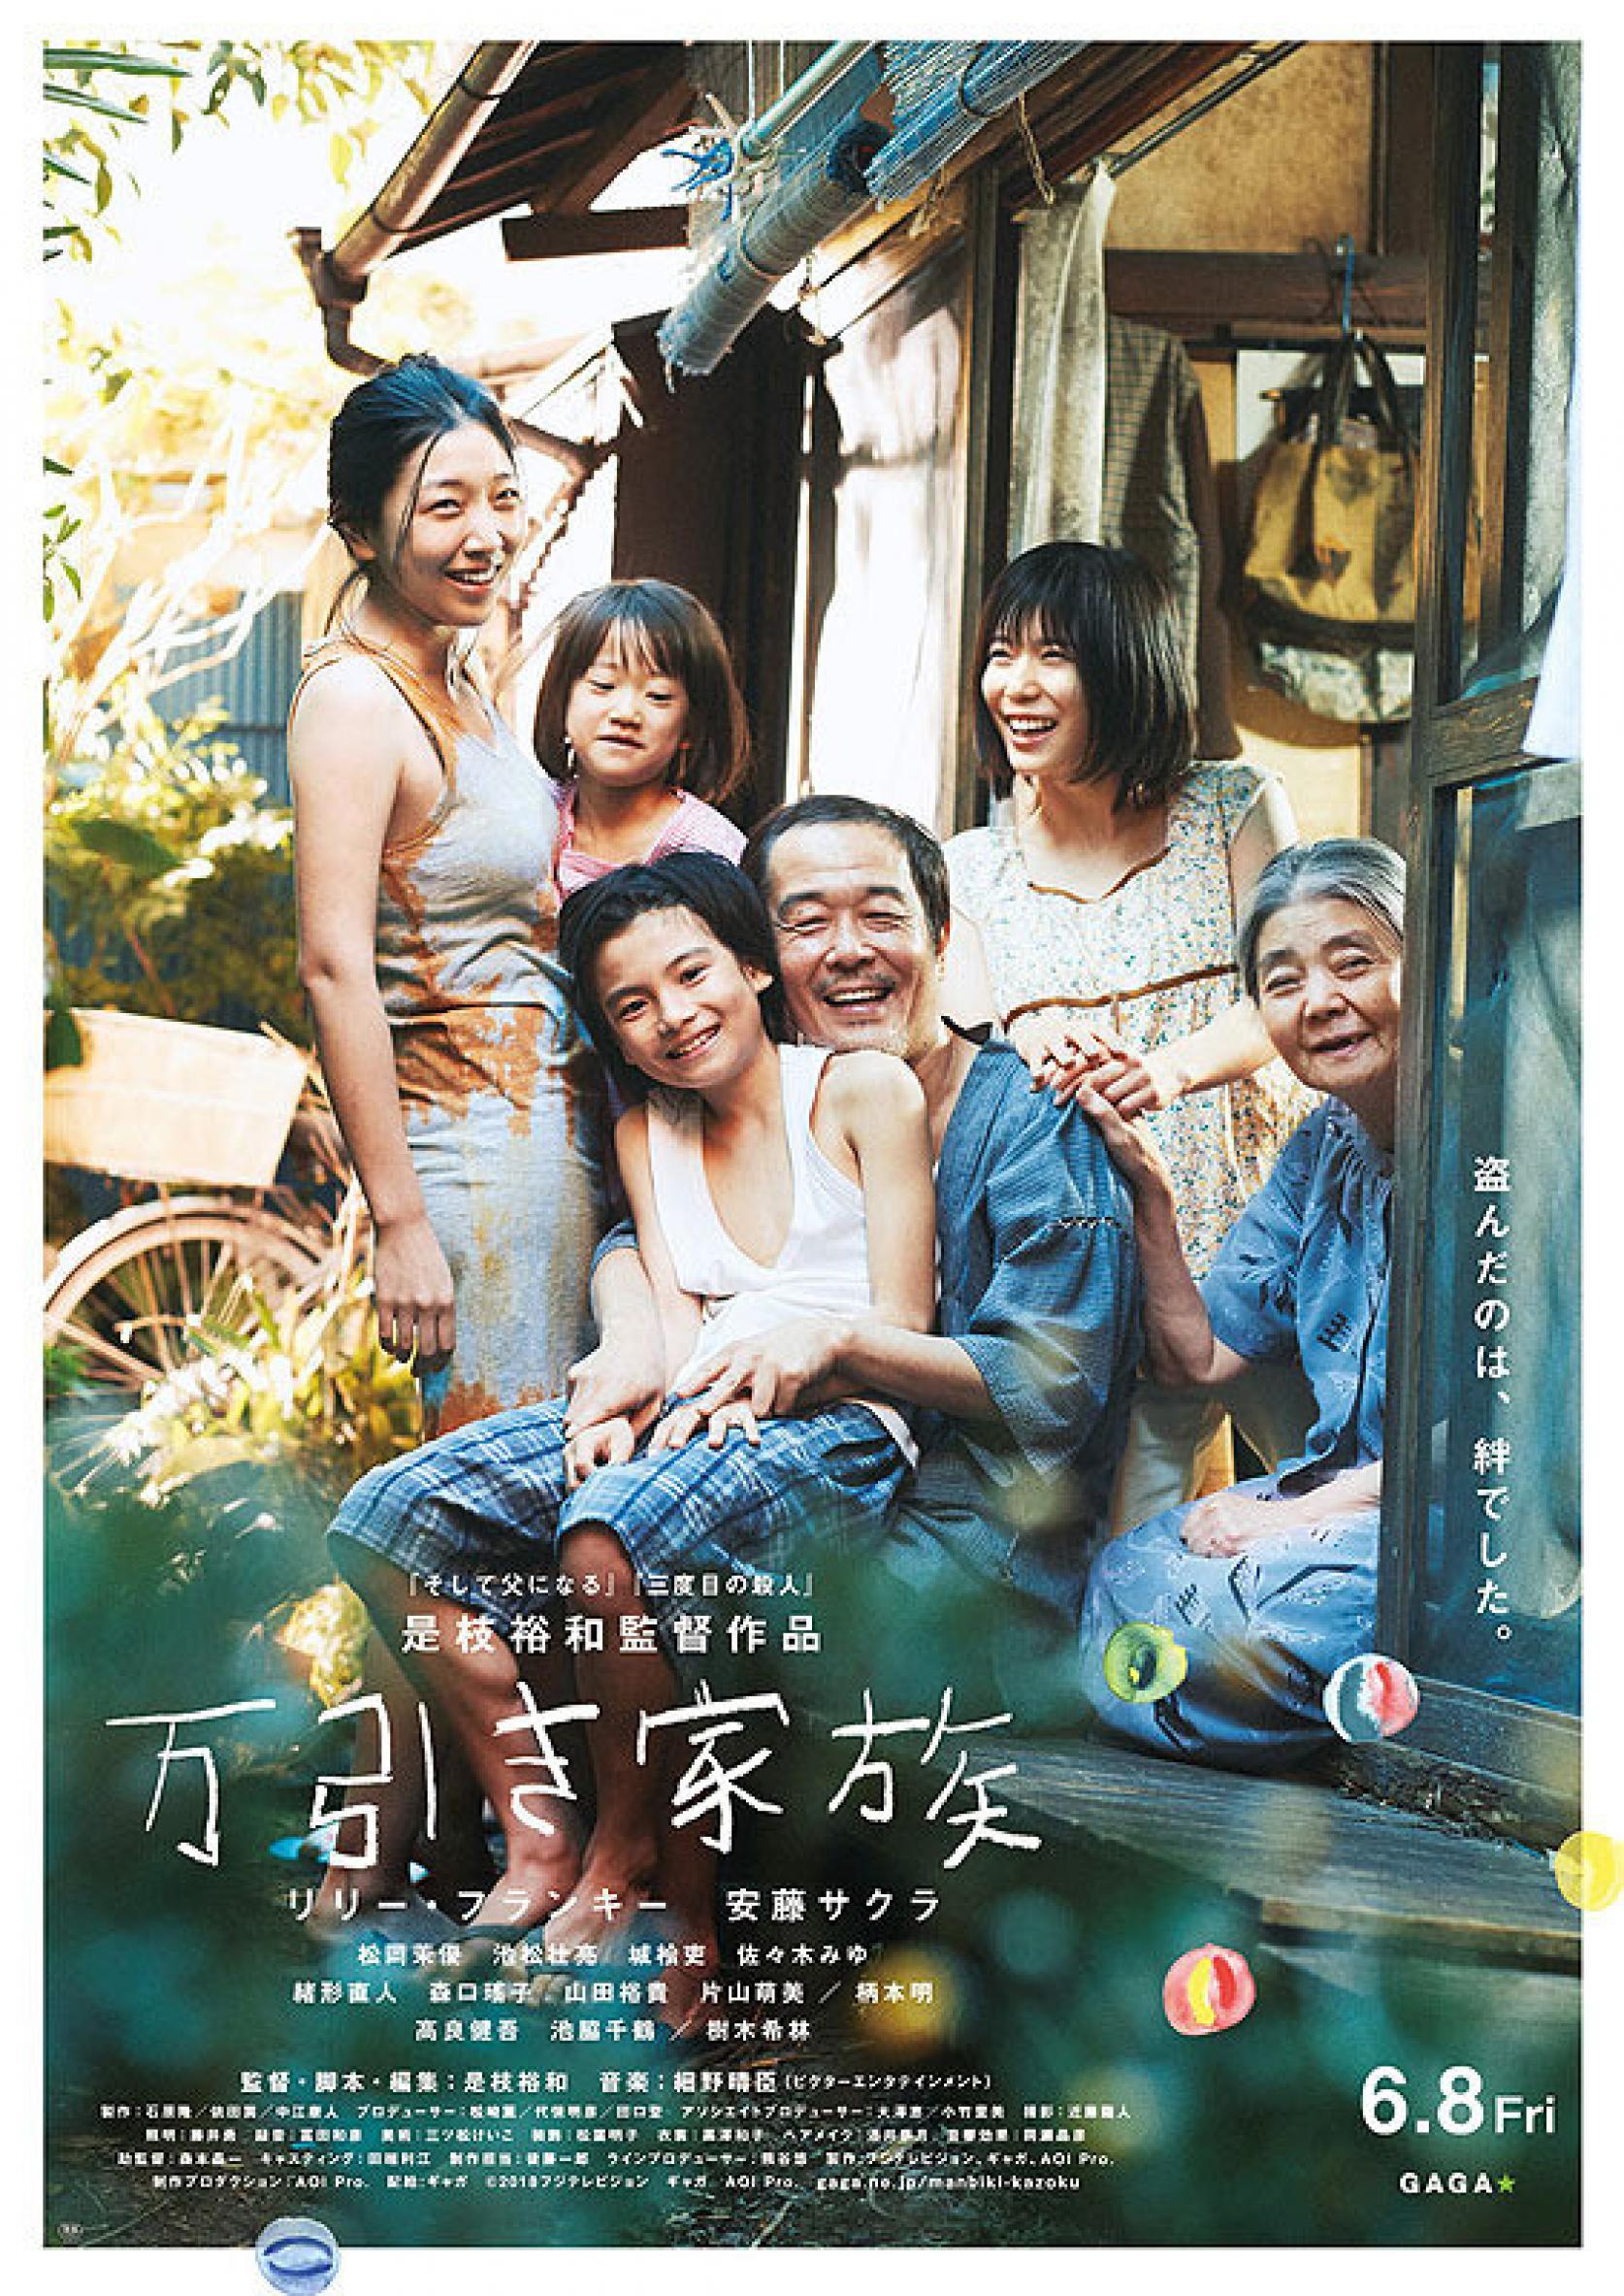 パルムドール賞受賞!!是枝裕和監督最新作で、理工学部が一部撮影協力をさせていただいている映画「万引き家族」が、第71回カンヌ国際映画祭で最高賞であるパルムドール賞を受賞しました。